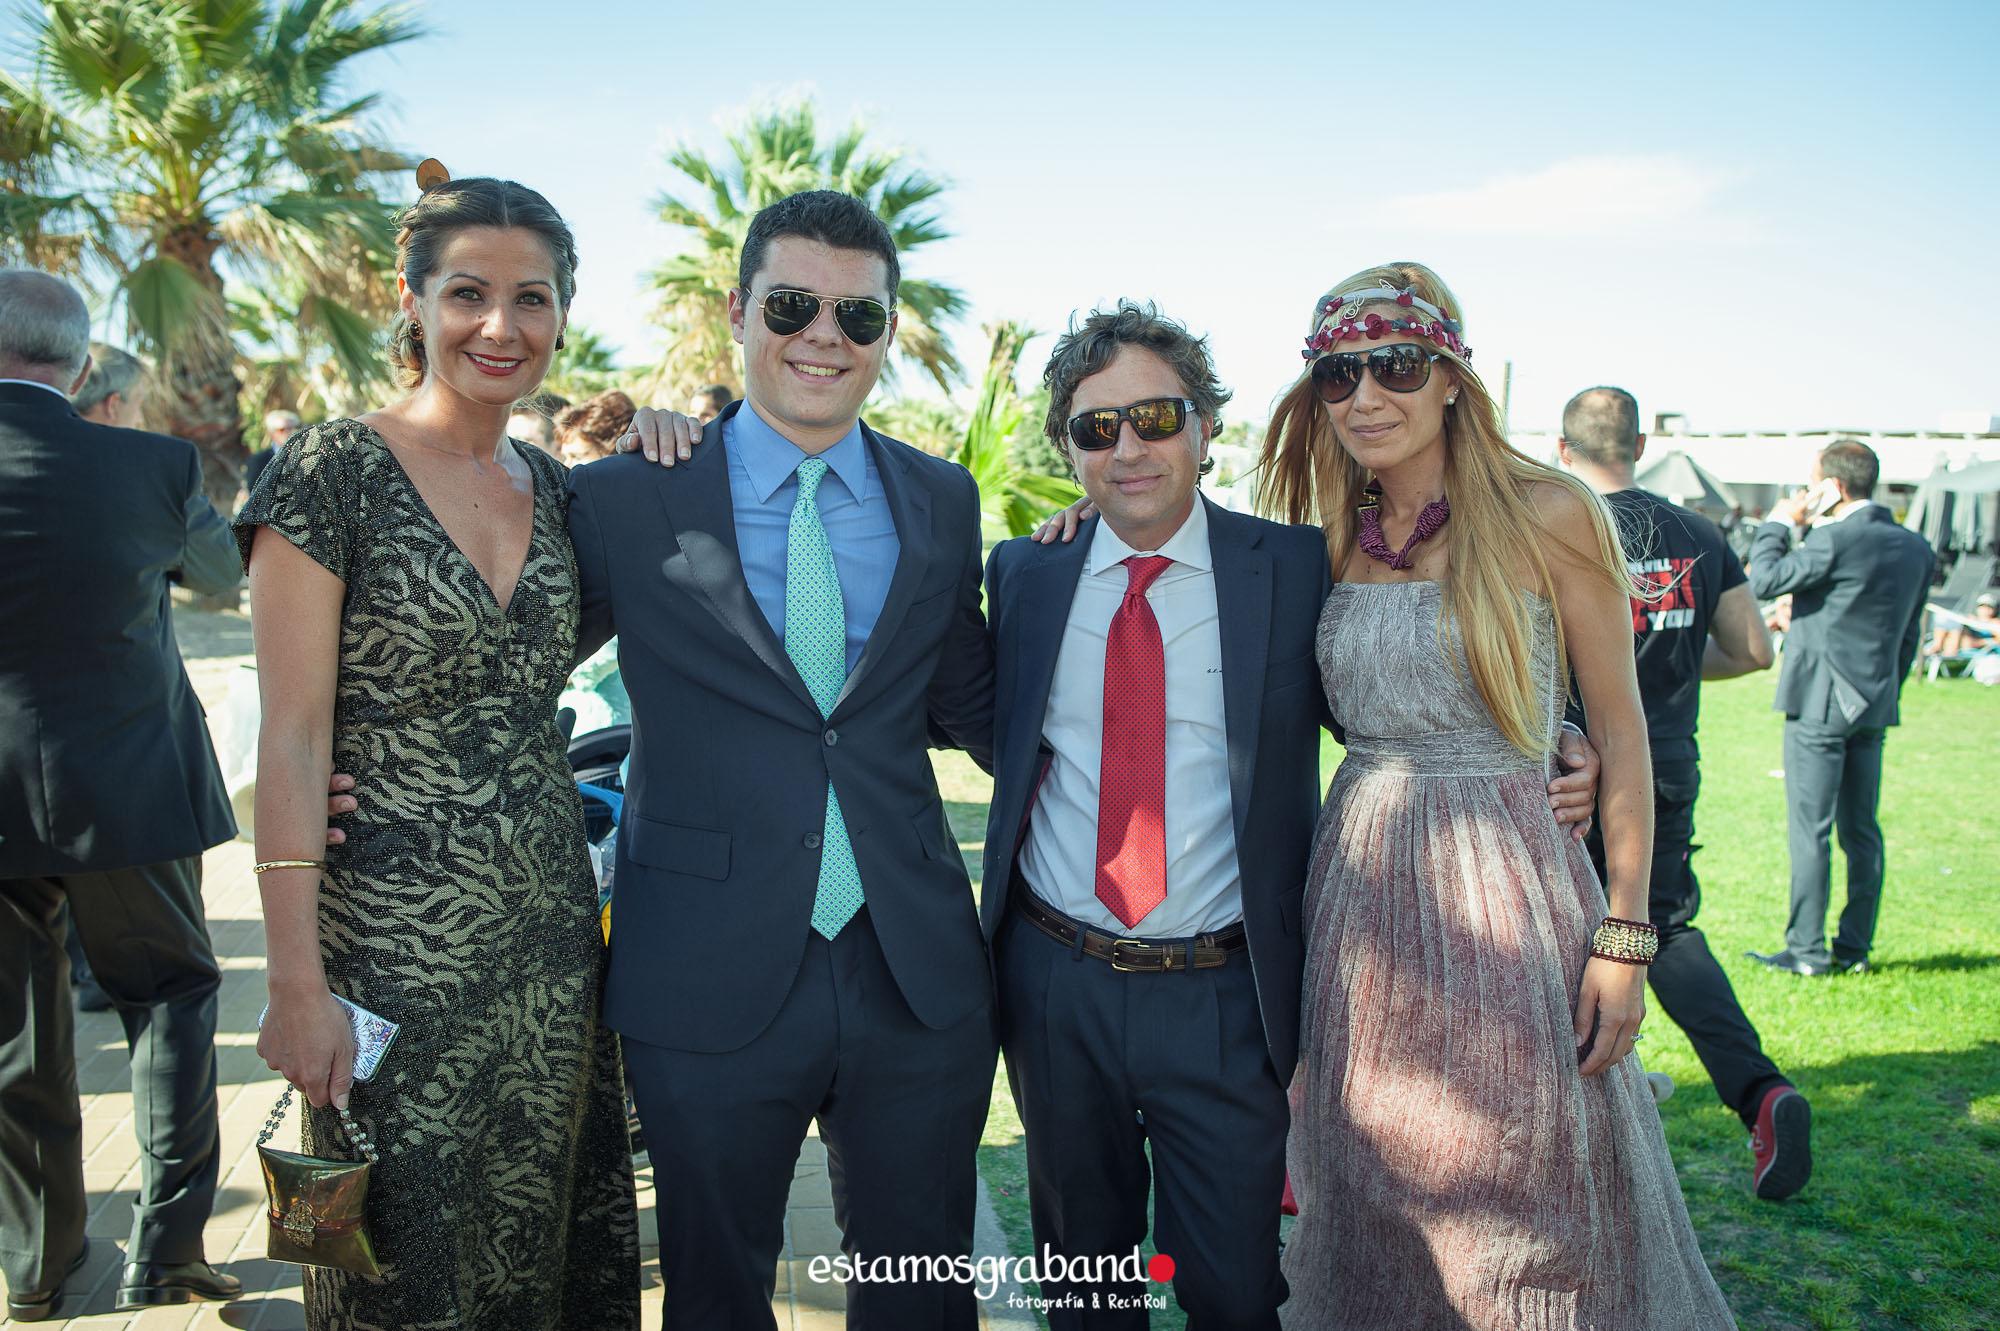 LARA-Y-MIGUE-BACK-TO-DE-THE-WEDDING-14 Los invitados de Lara & Migue [Back to the wedding_Club de Golf Costa Ballena] - video boda cadiz